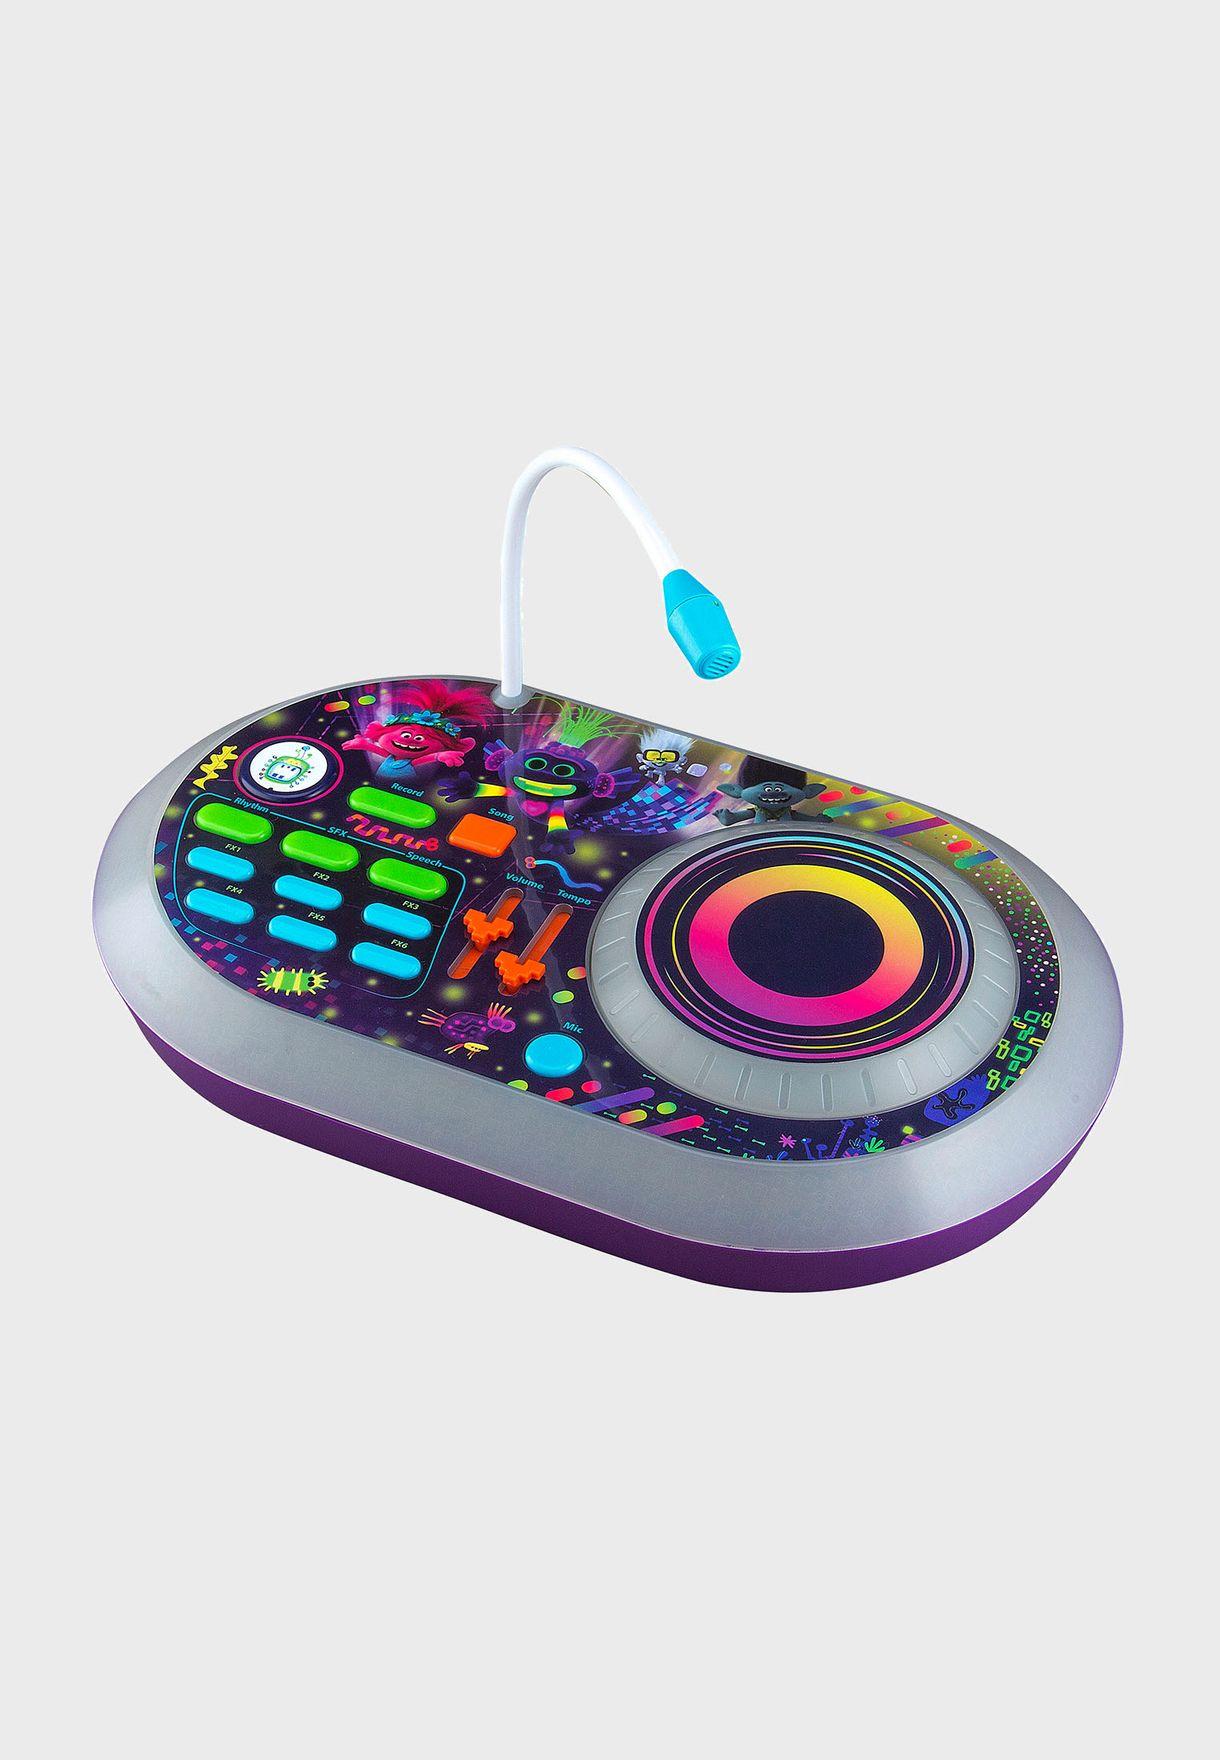 Dj Trollex Party Mixer